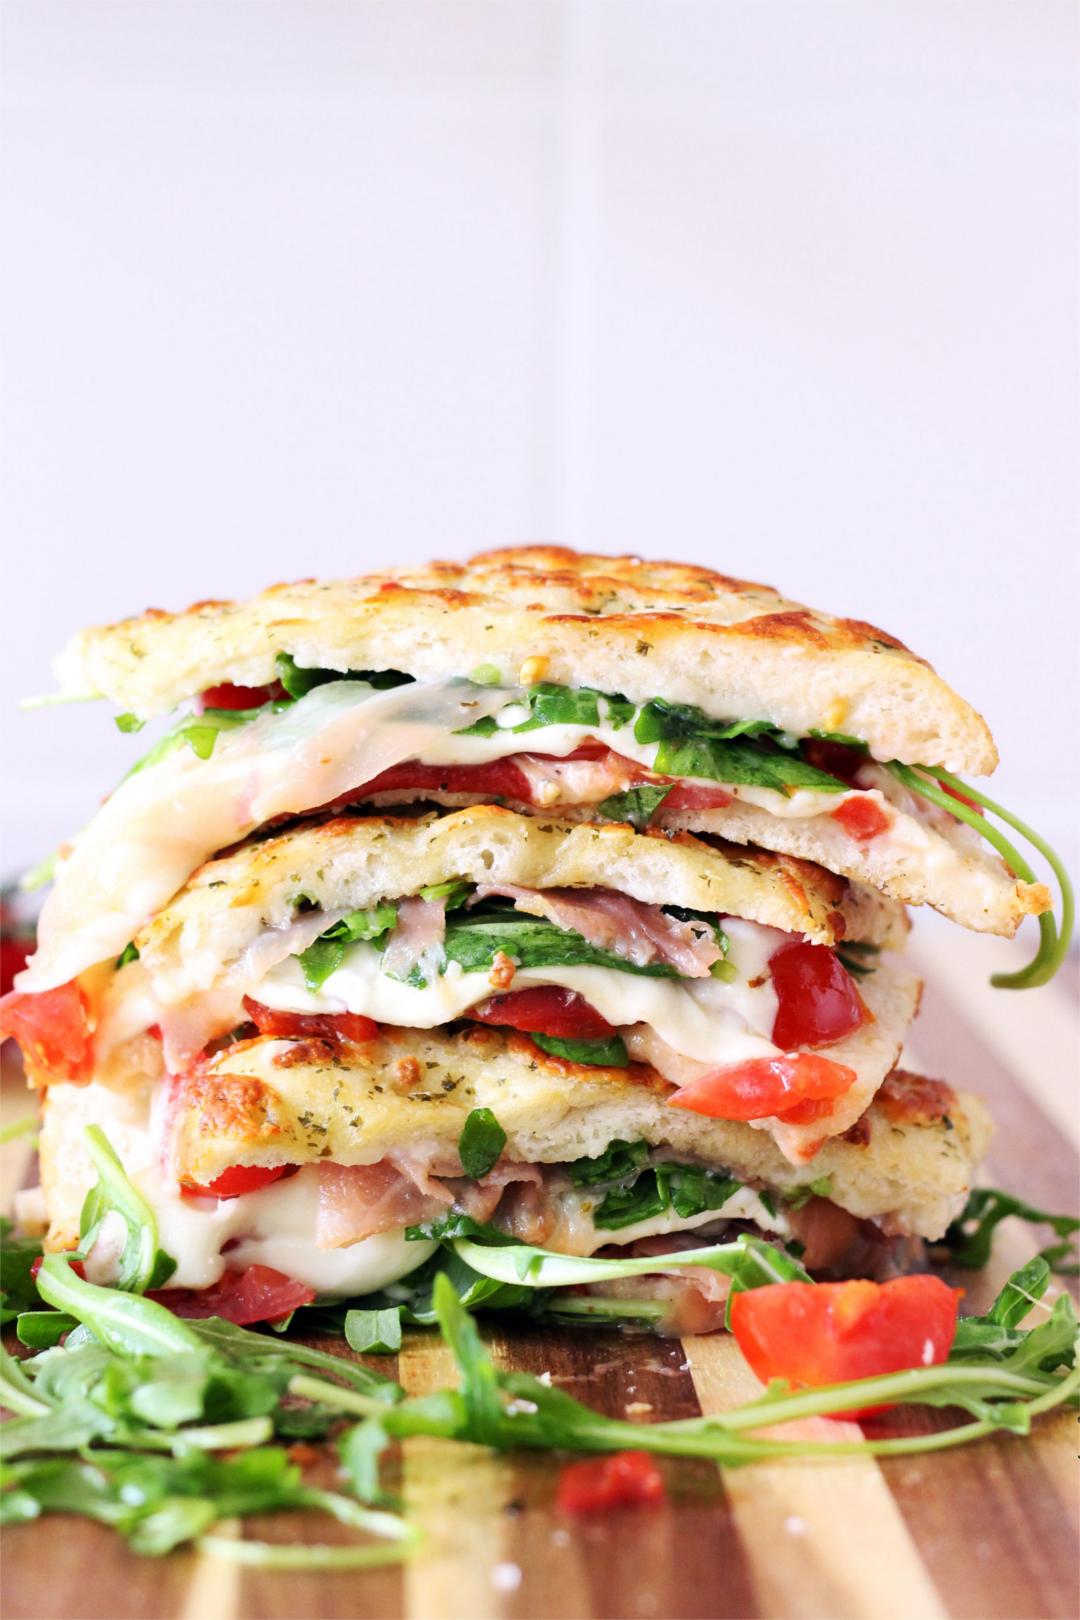 Sandwiches - 26 Ideen für den kleinen Hunger zwischendurch